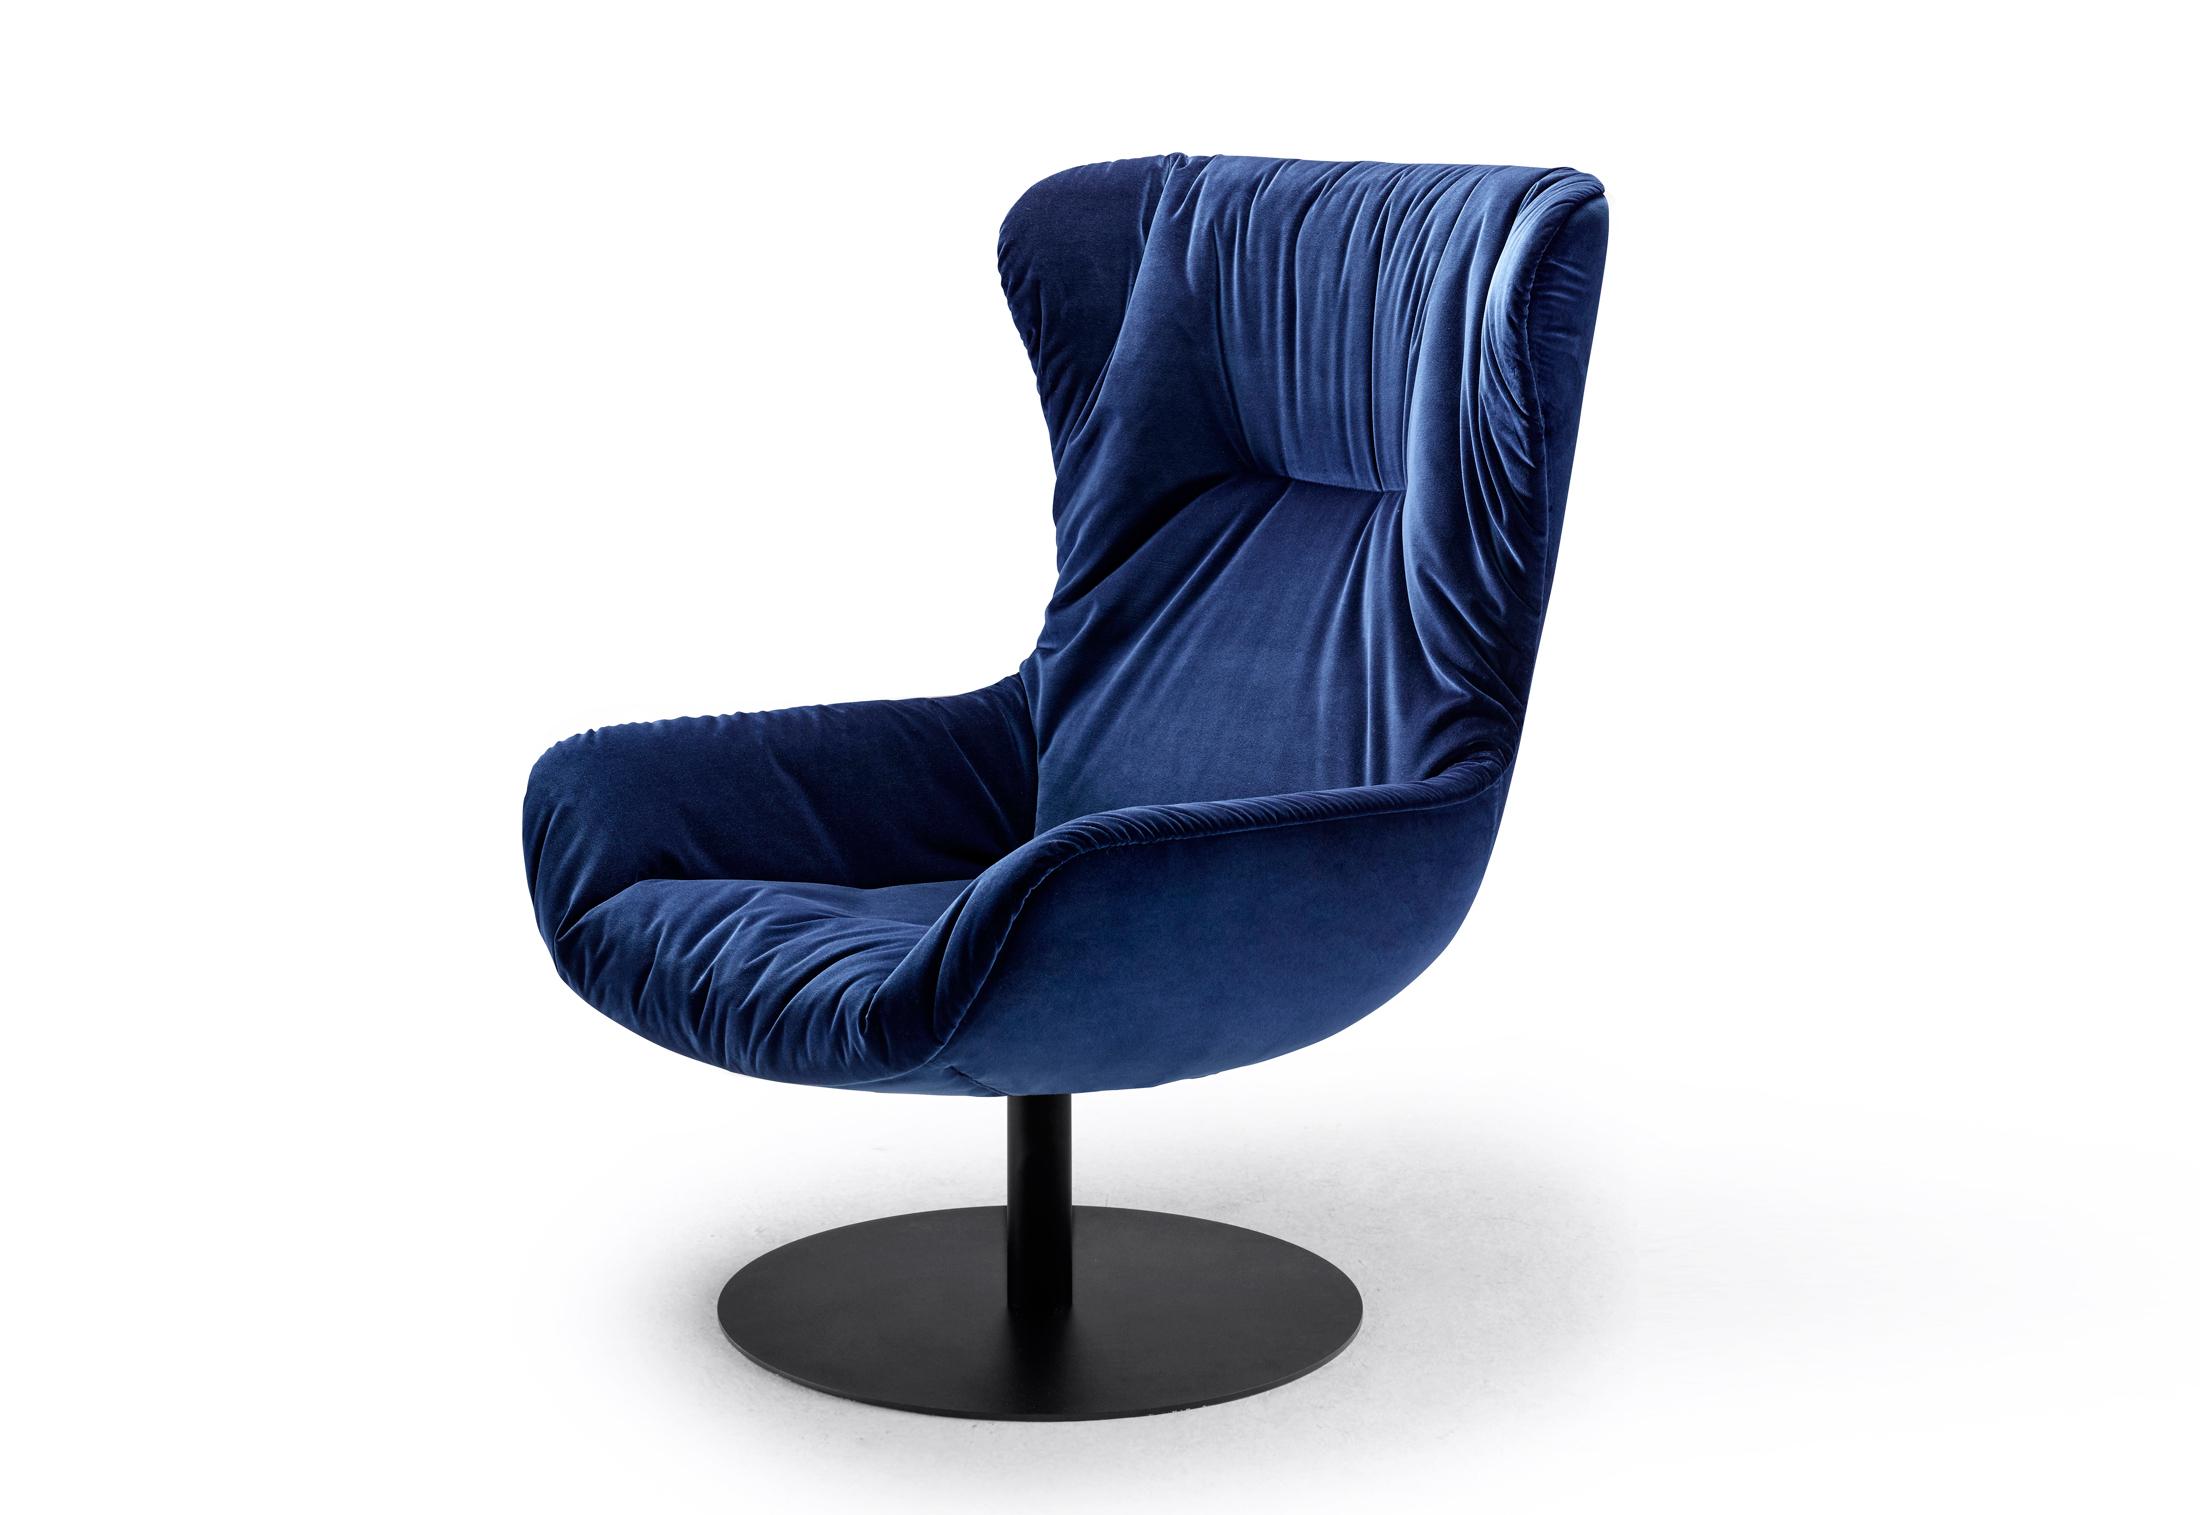 Leya wingback chair with central leg by Freifrau